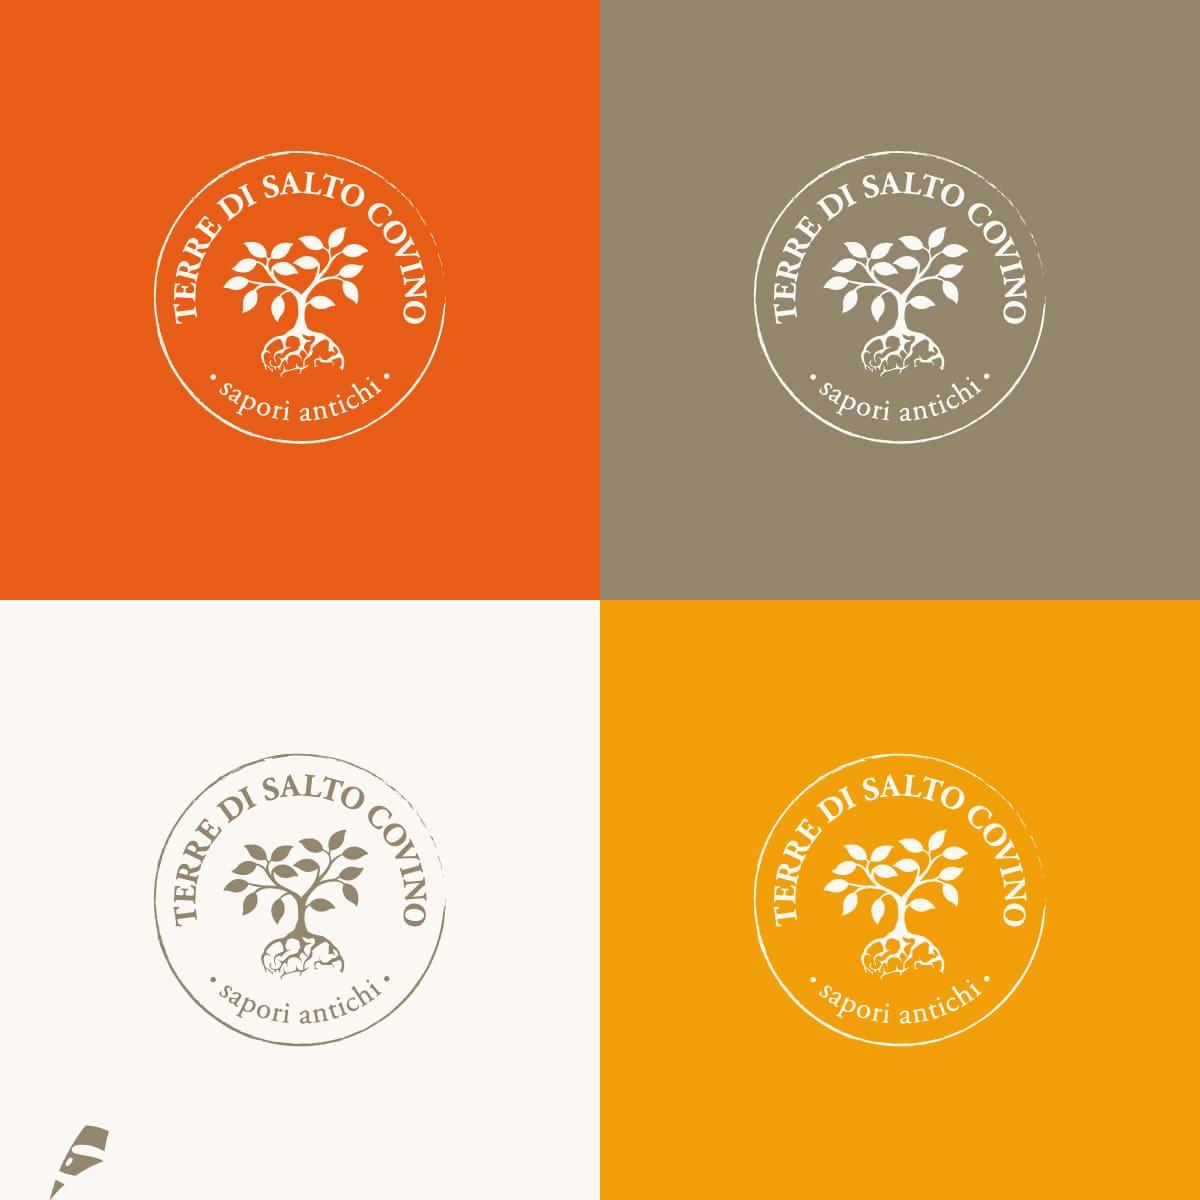 Terra di Salto Covino varianti logo - stilographico